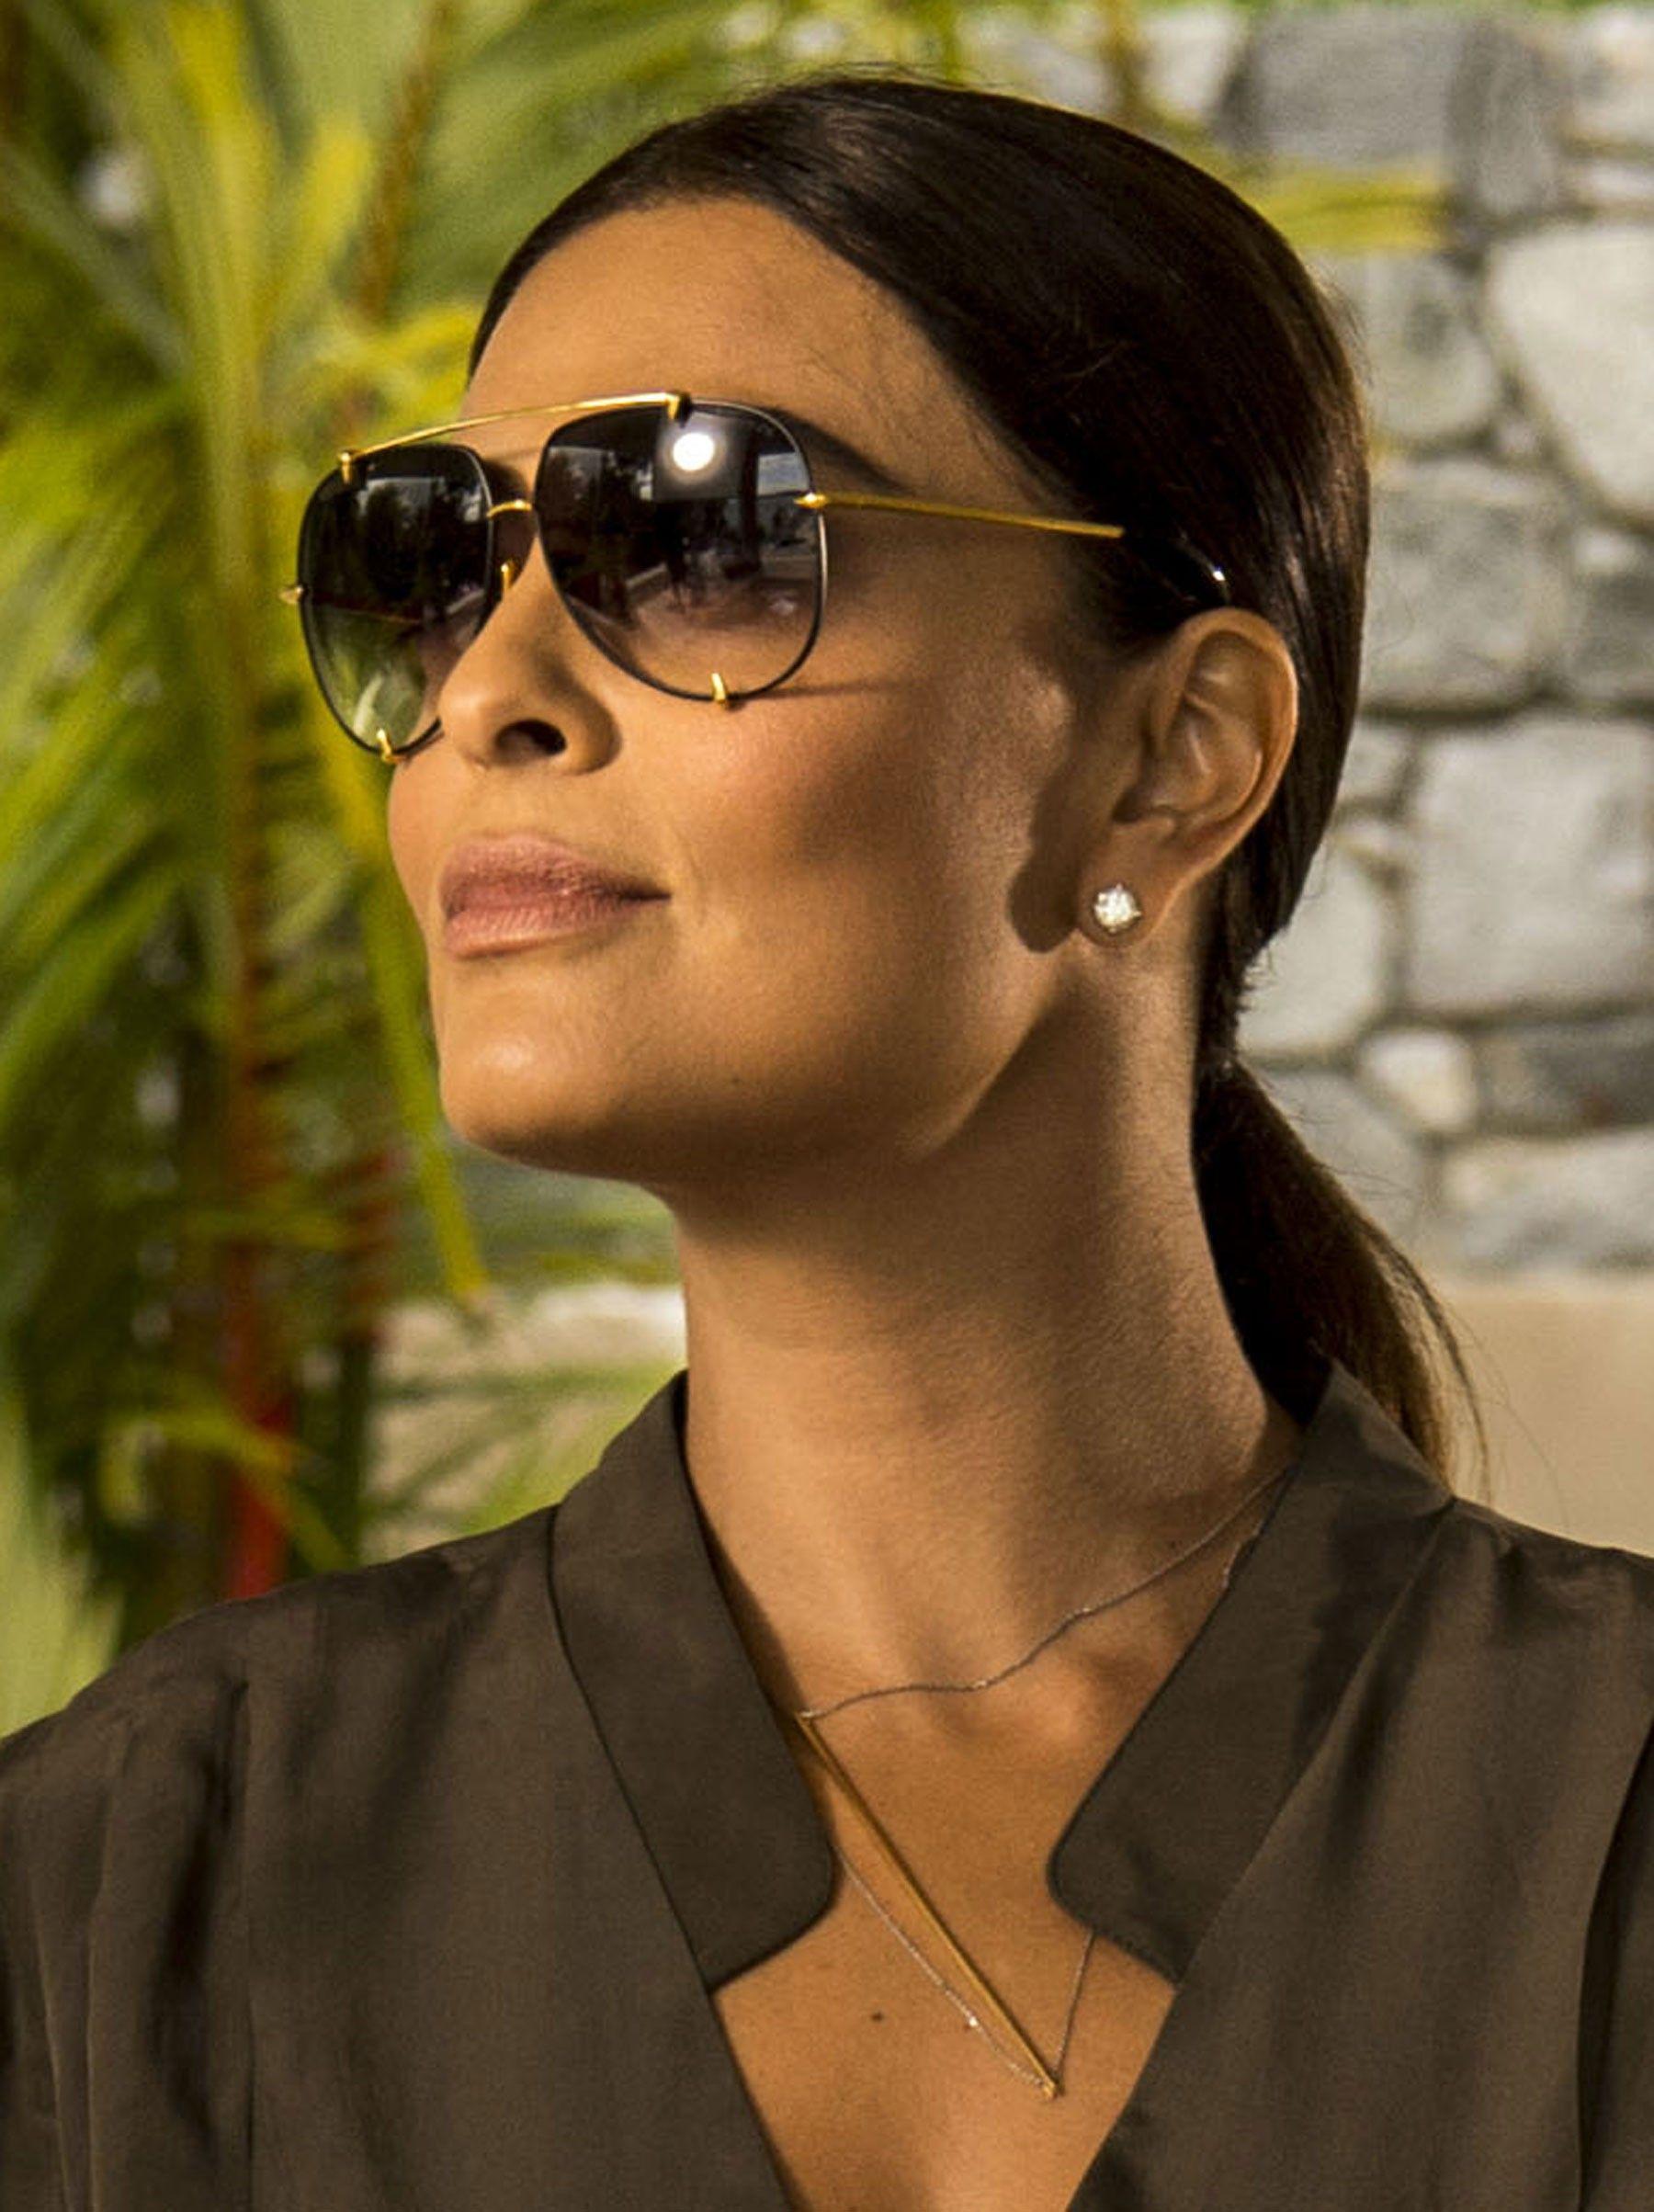 Óculos grandes estão entre os acessórios preferidos de Carolina (Foto  TV  Globo Divulgação) 2298fa0ea7